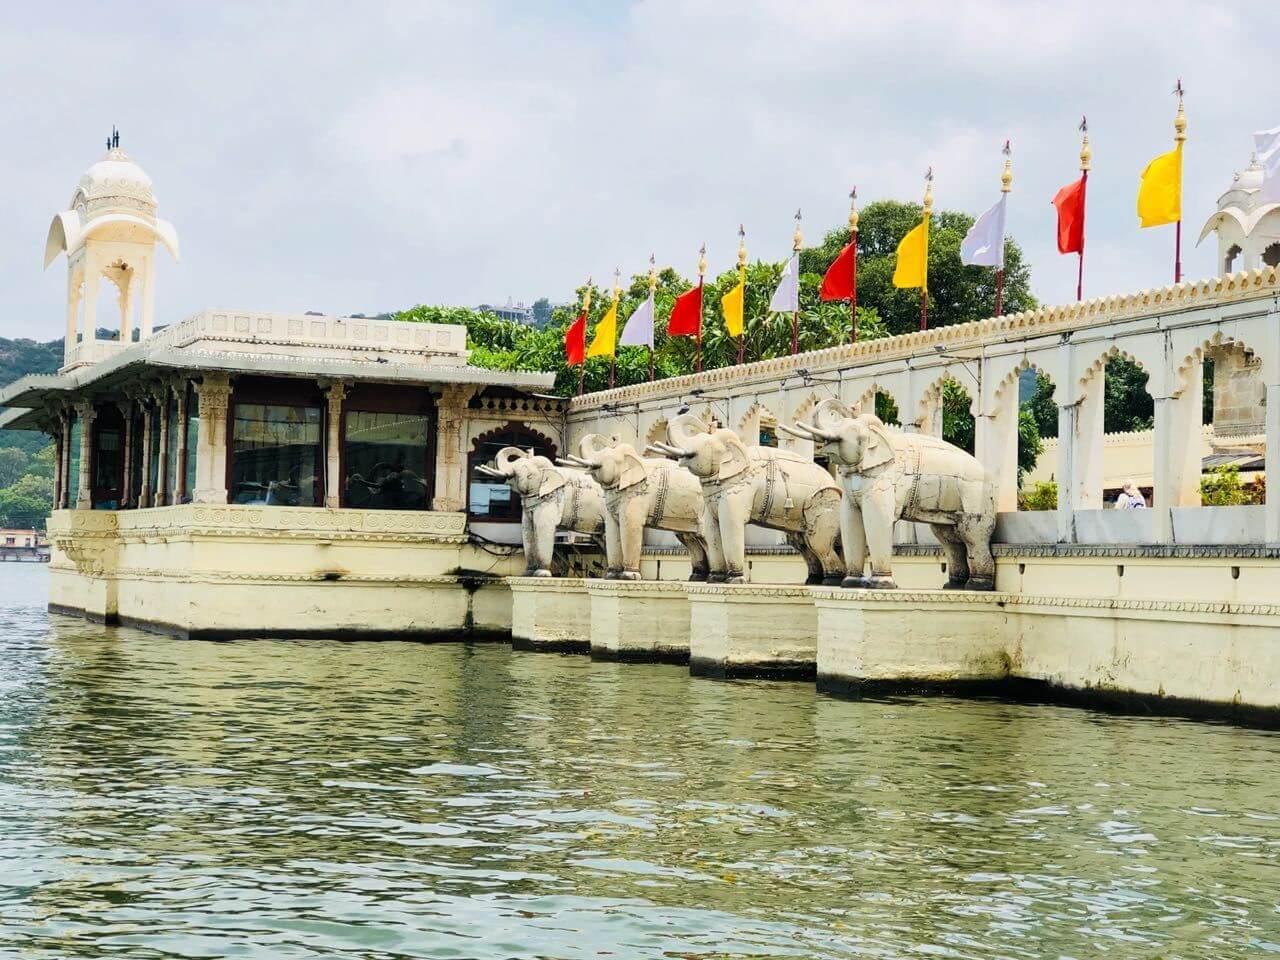 Jag Mandir Palace Udaipur